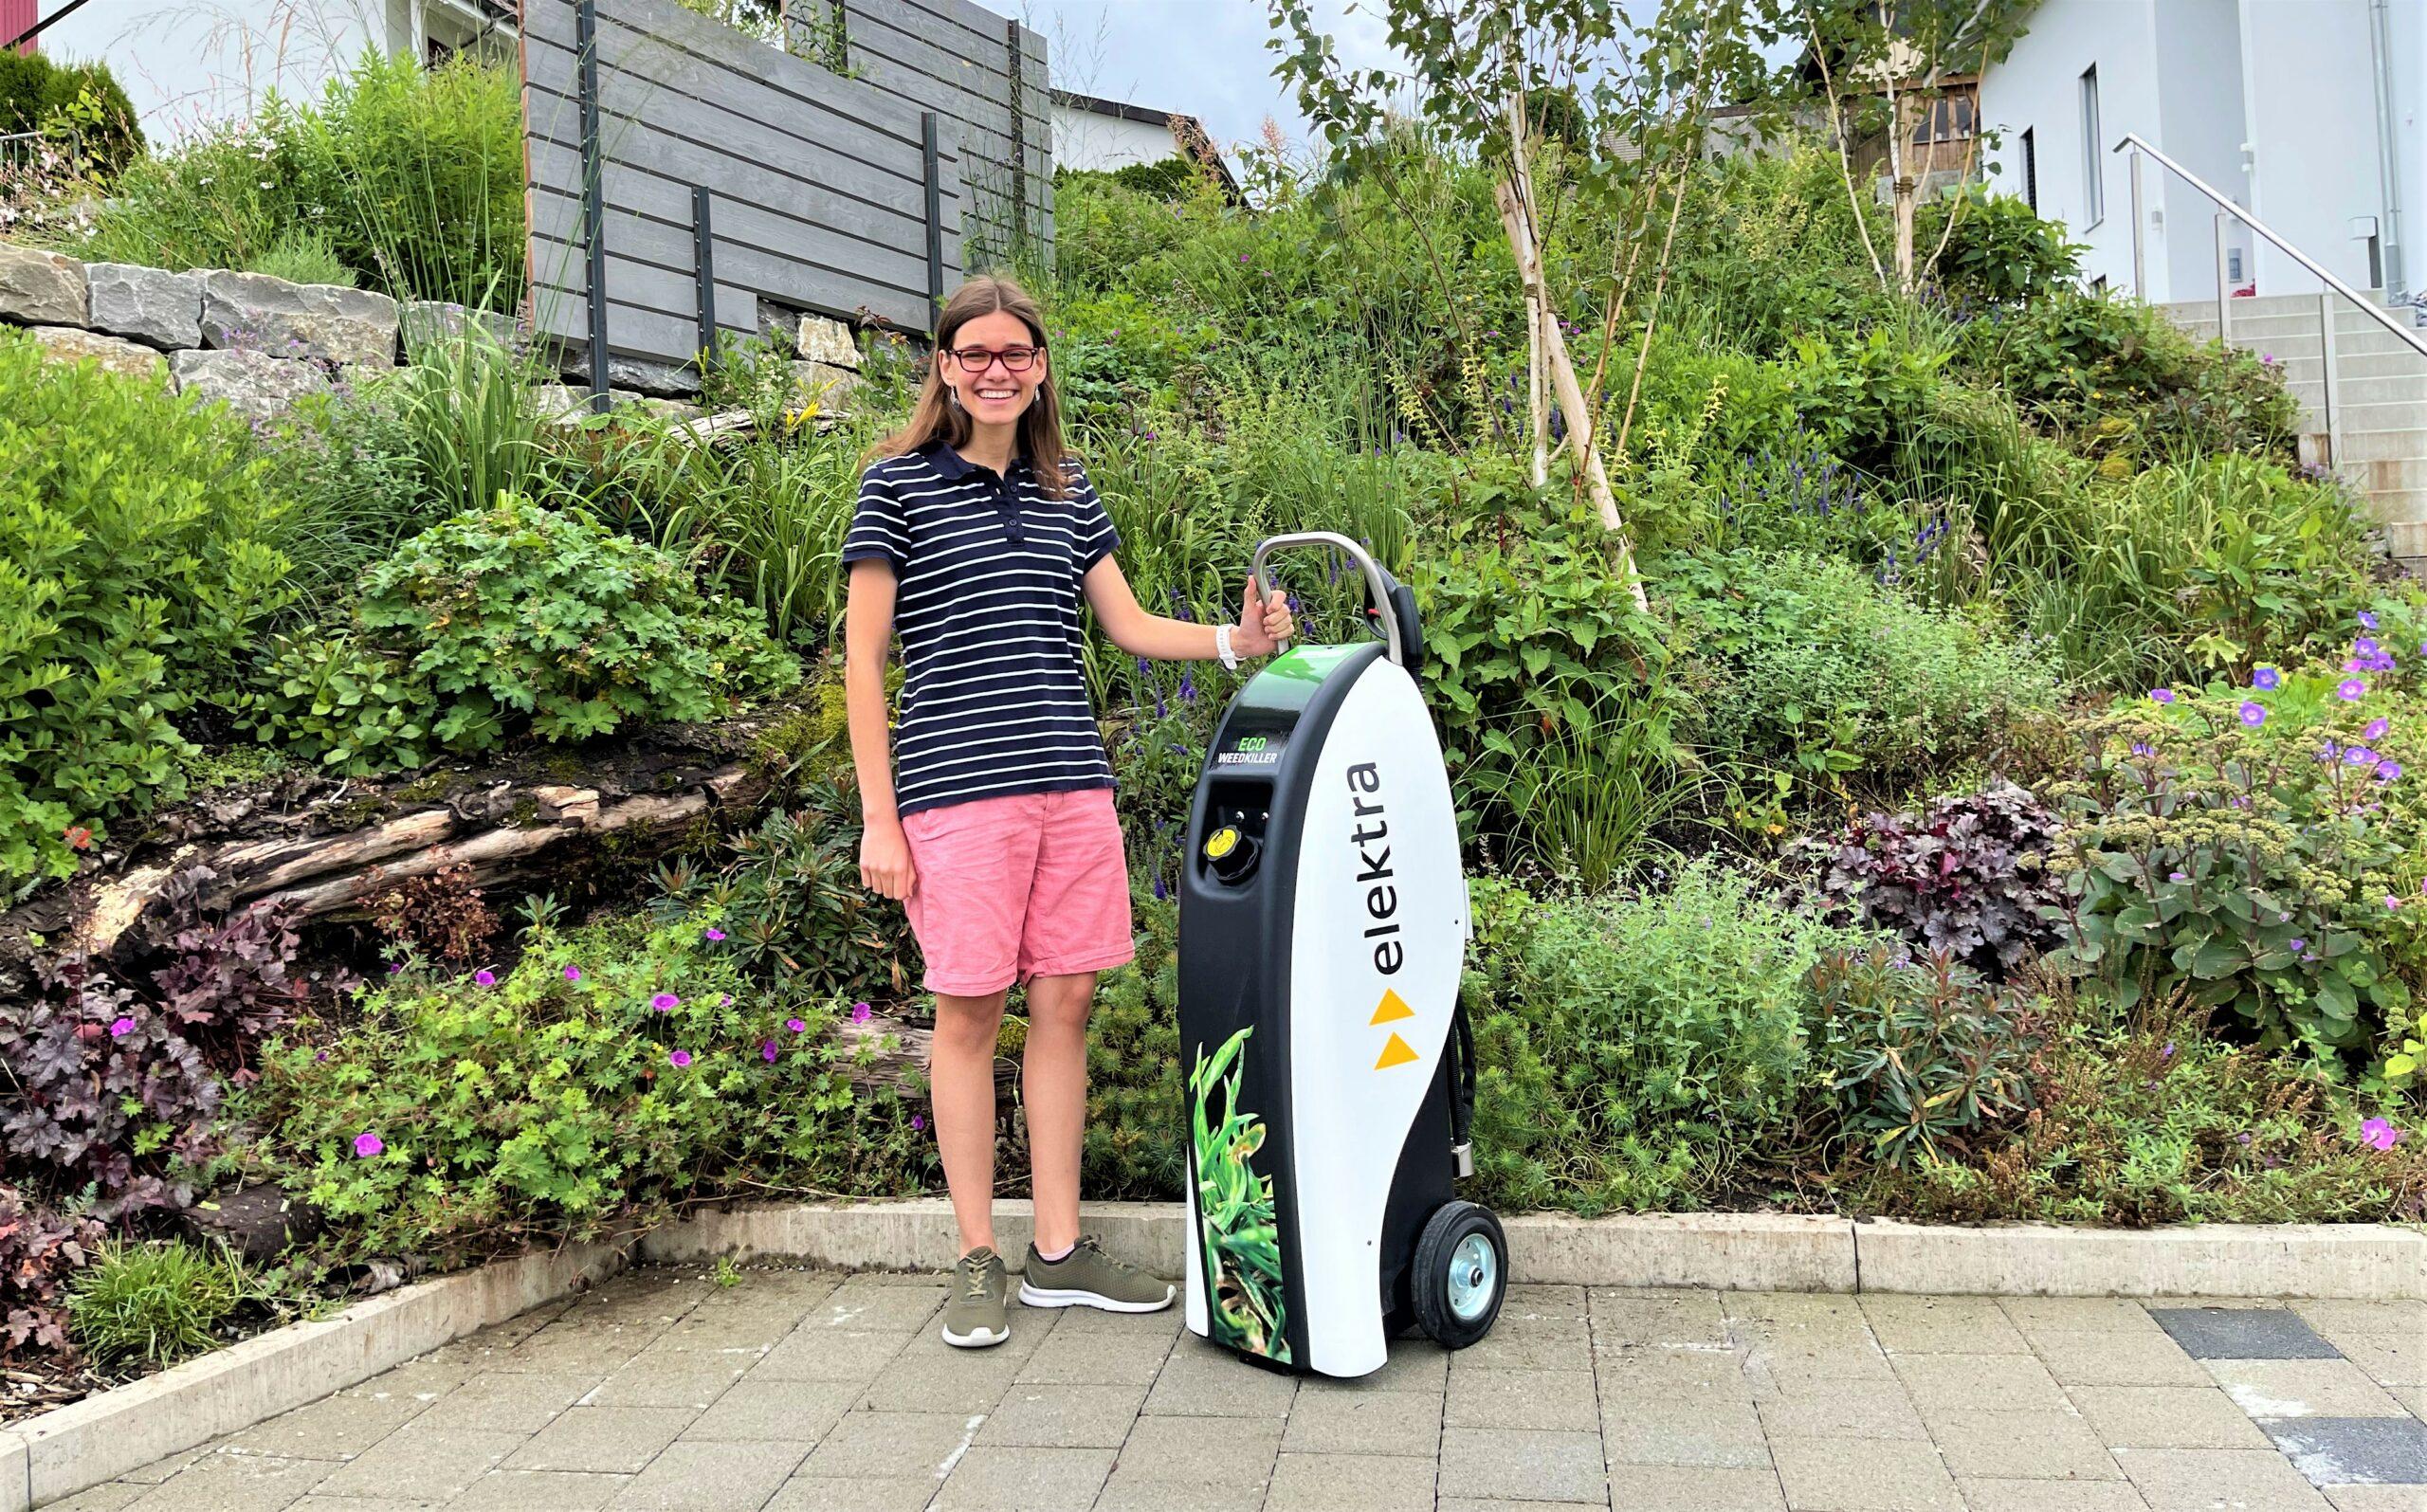 Stolz steht Laura Ammon aus Fraubrunnen neben dem Eco Weedkiller Garden, den sie bei der Verlosung der Elektra gewonnen hat.